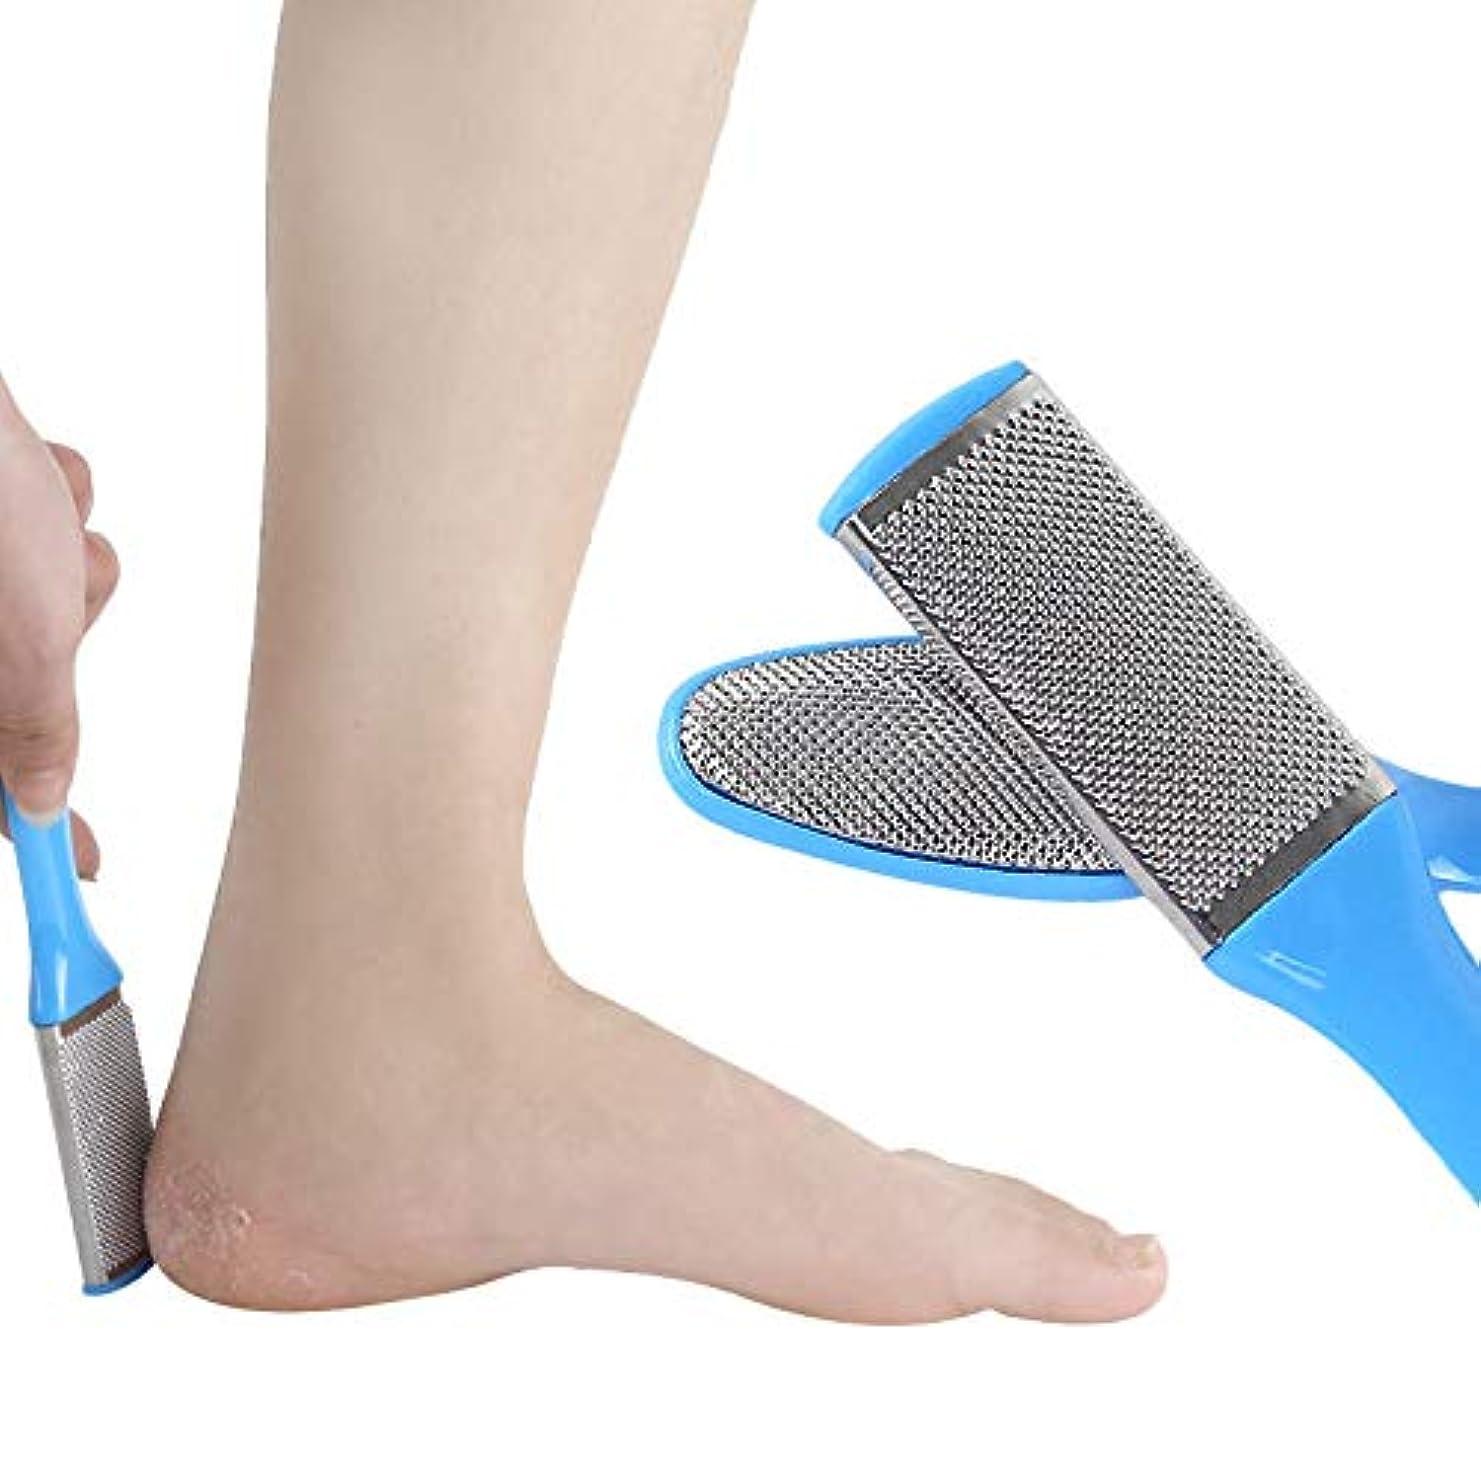 とんでもない水を飲む資源yuio 男性用女性用ペディキュアセット8個フットファイルフットラスプ乾いた足と濡れた足に最適なカルスリムーバー、角質除去、ハードスキン、外科用グレードのステンレスファイル